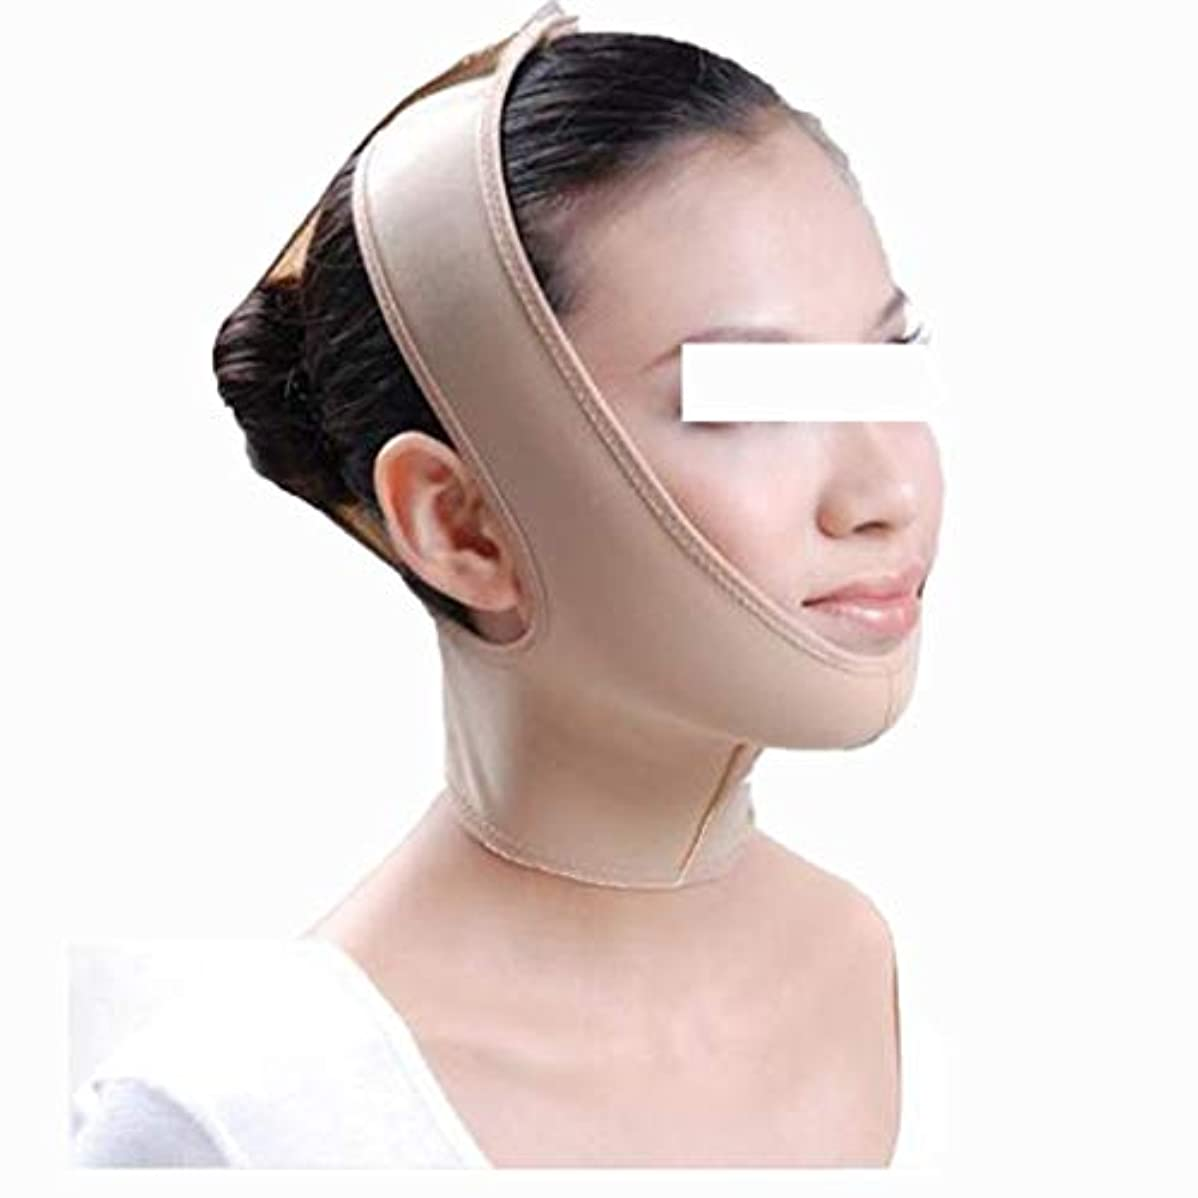 チャンスシネマ実験室Vフェイスバンデージ - フェイスコレクションフェイスリフティングツール引き締めスモールフェイスマスク